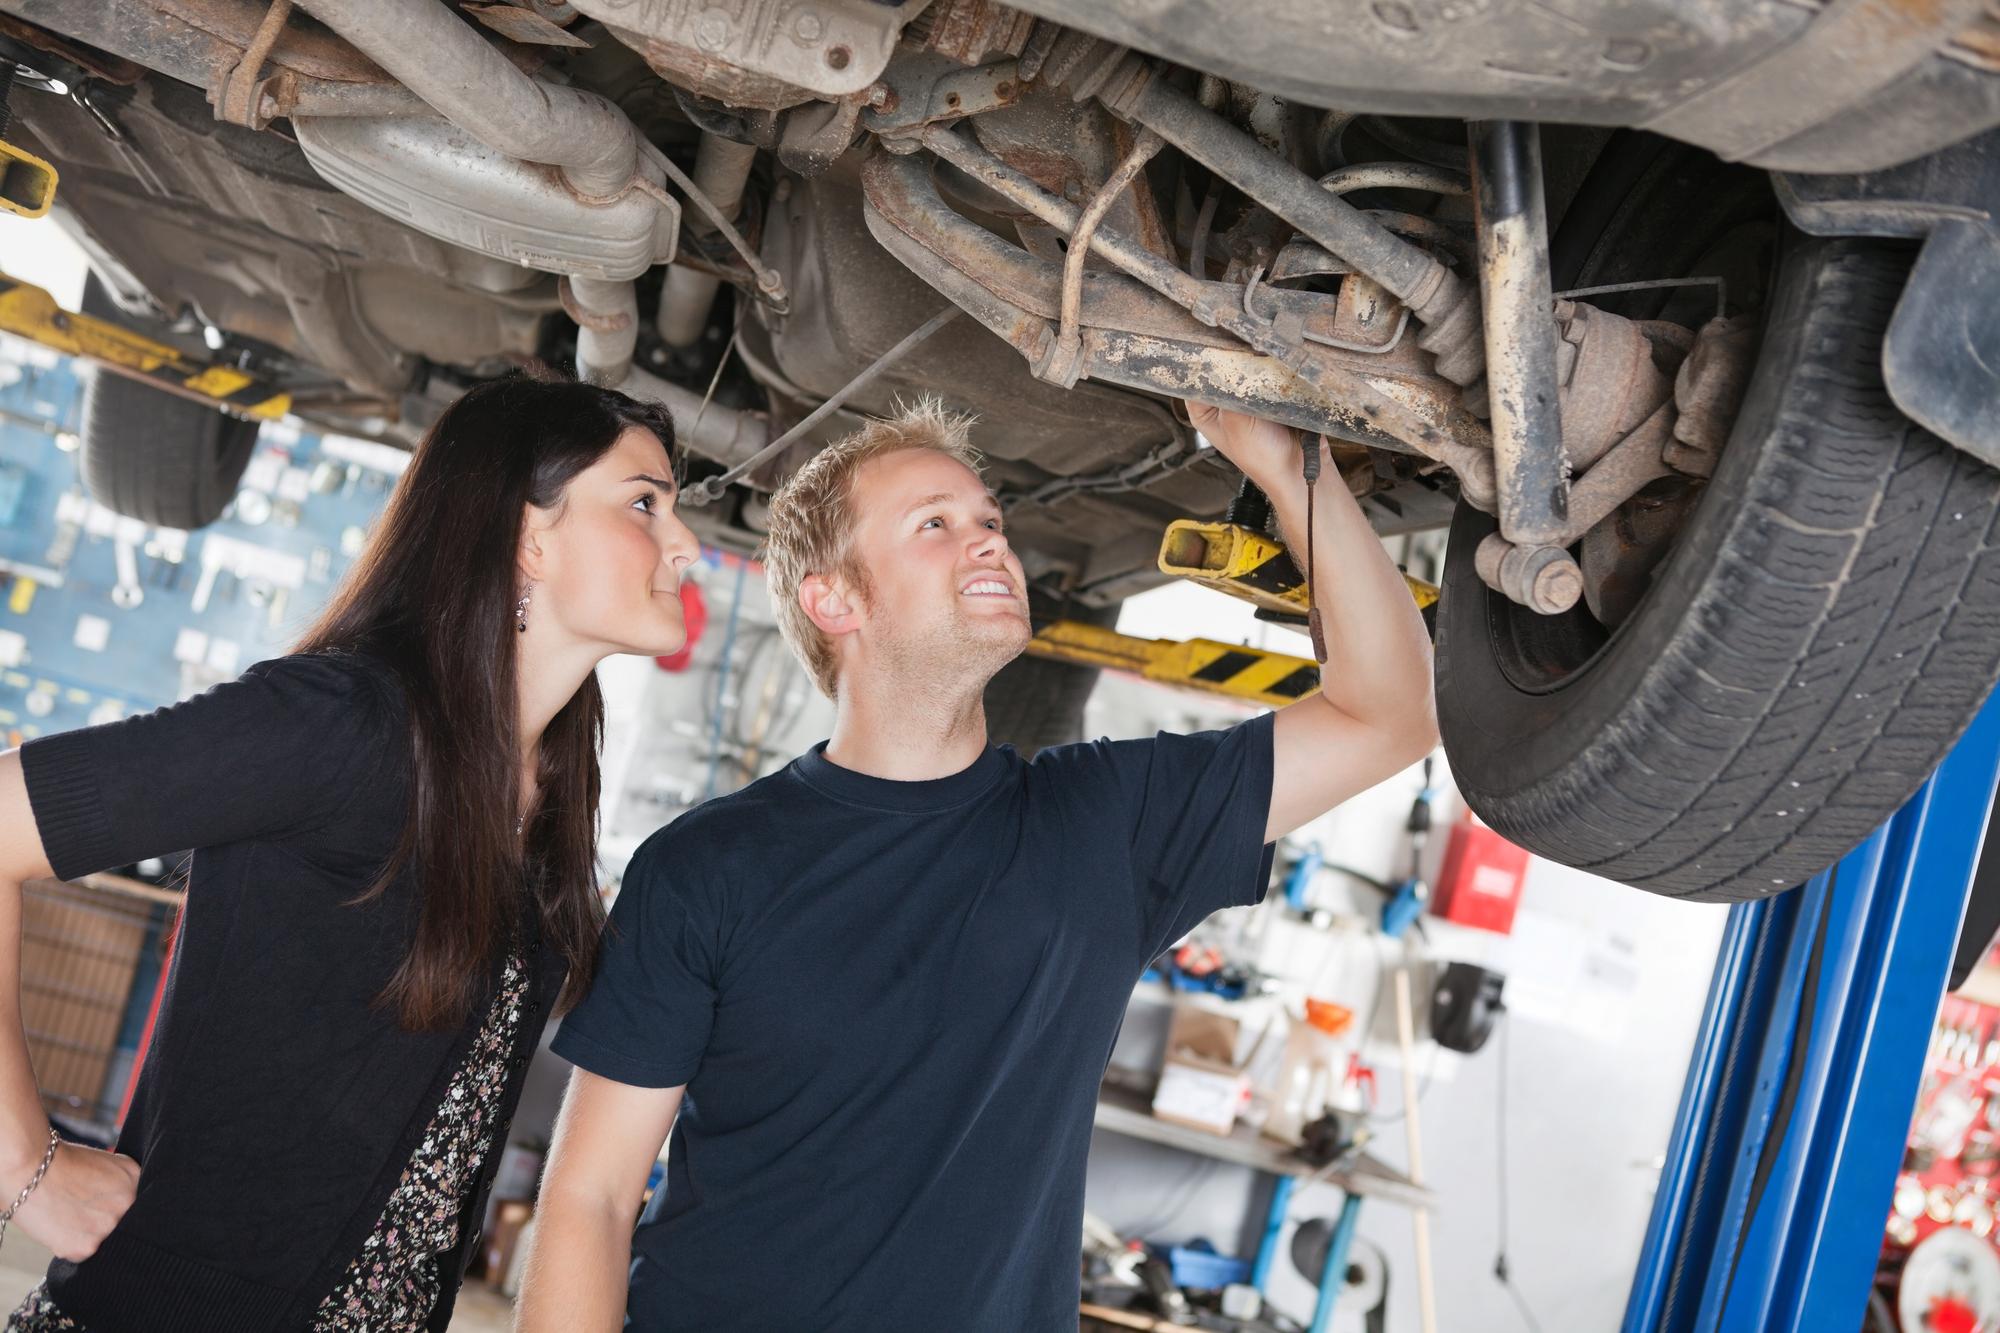 Kalispell-Montana-auto-repair